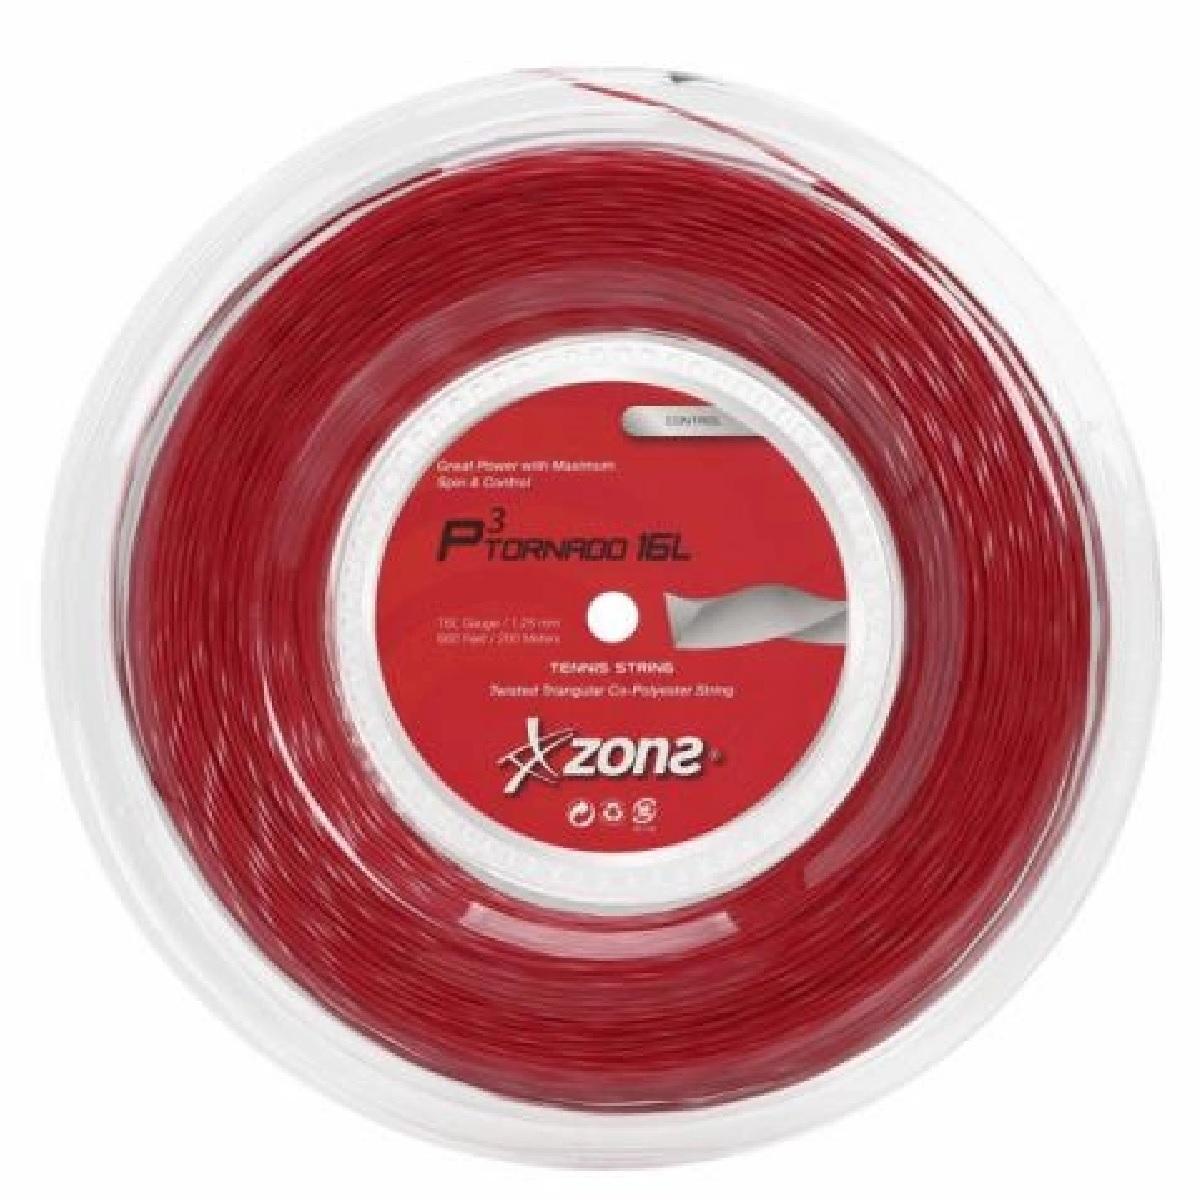 Rolo de Corda Zons  P3 tornado (triangular) 1.25mm - 200m